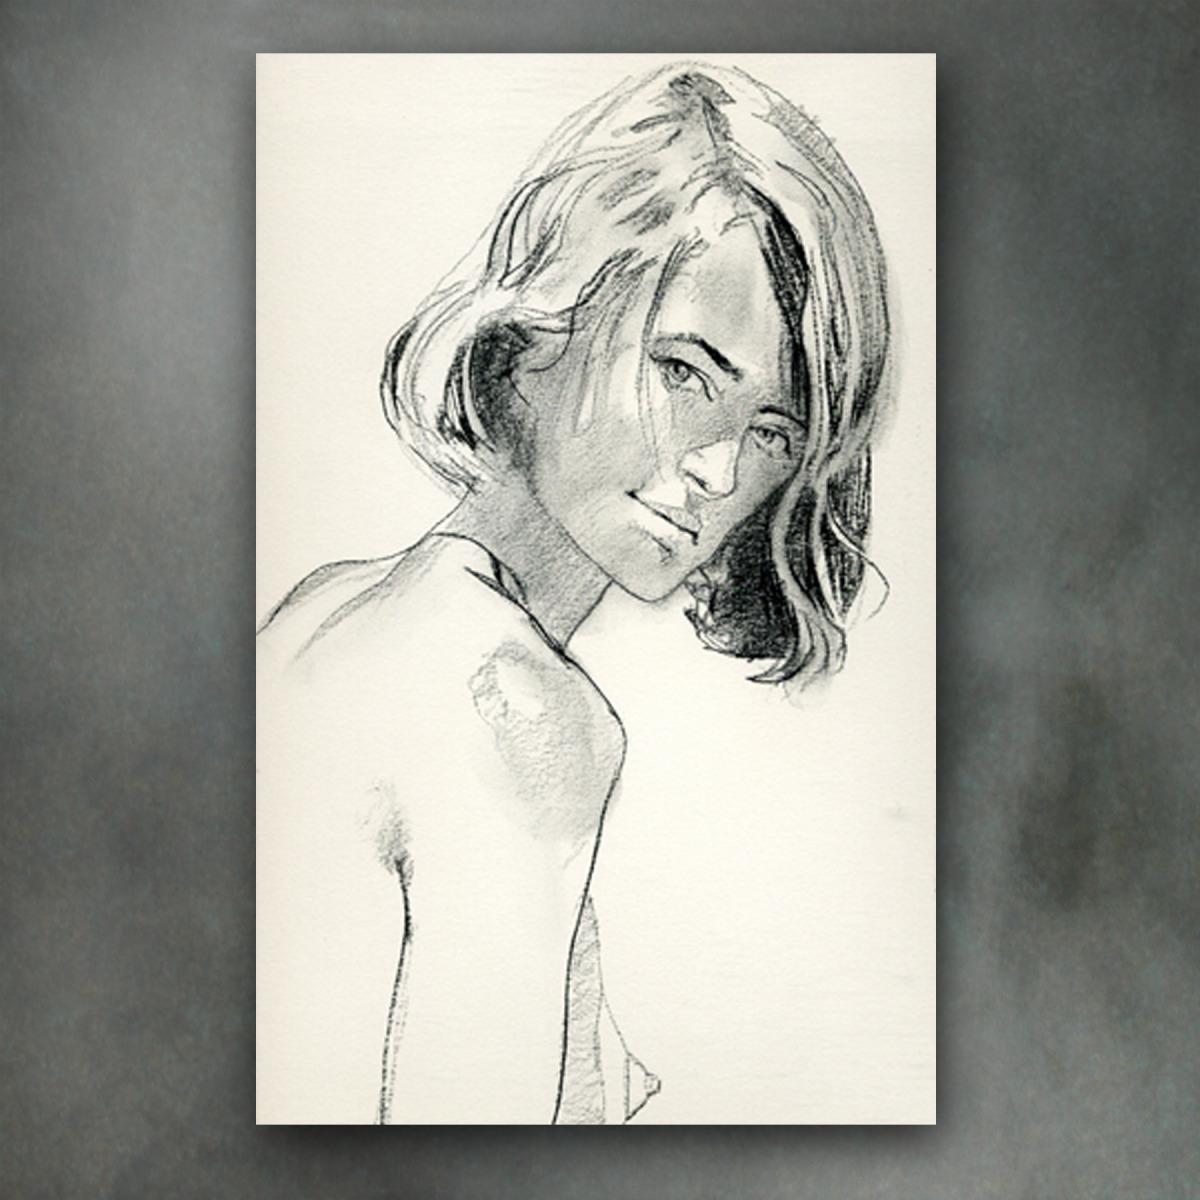 web-draw-beachgirl-1.jpg